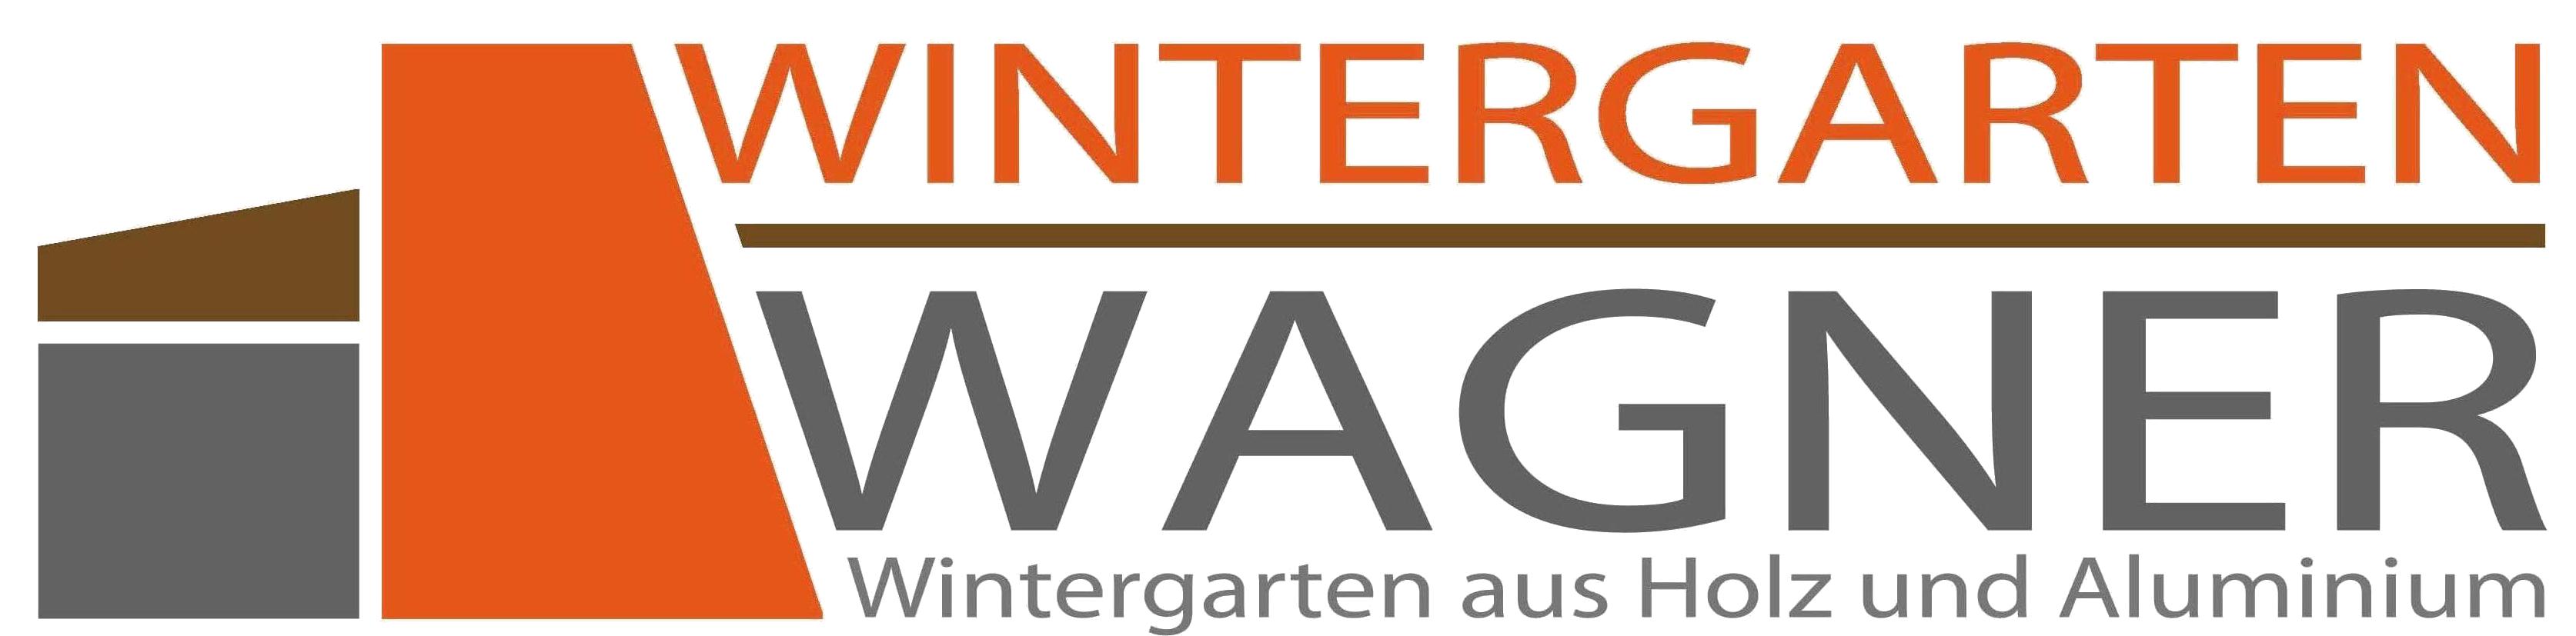 Wintergarten Wagner GmbH - Wintergärten in Oberösterreich | Wintergärten, Glasfassaden, Fenstern und Türen, Sonnenschutz sowie Terrassendächer von der Wintergarten Wagner GmbH aus dem Bezirk Schärding in Oberösterreich.